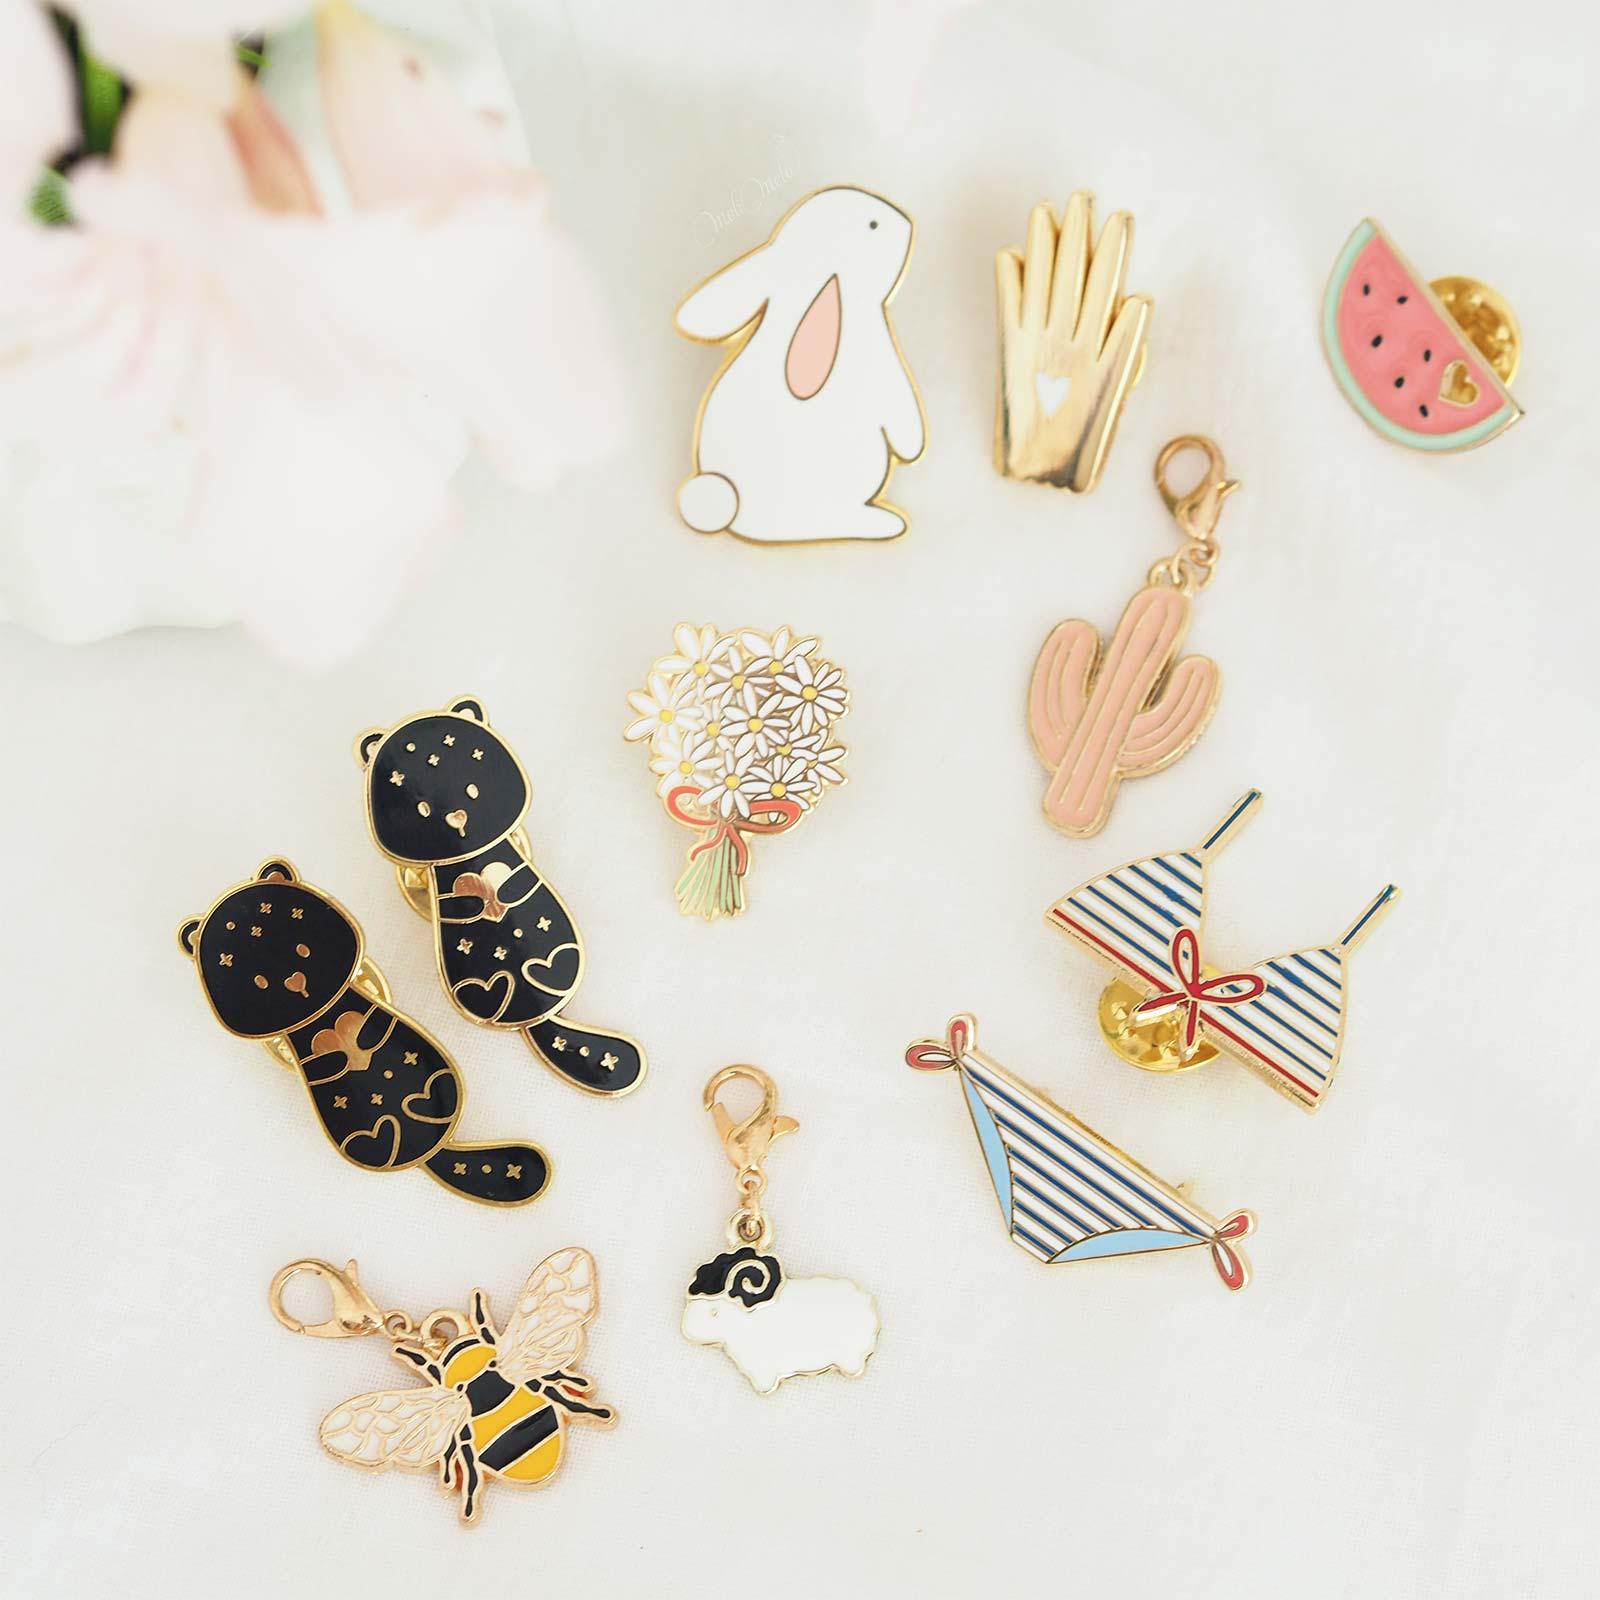 pins marqueurs tricot atelier mouette paulina choleva kraftiara markers loutre abeille mouton cactus pastèque lapin bikini laboutiquedemelimelo